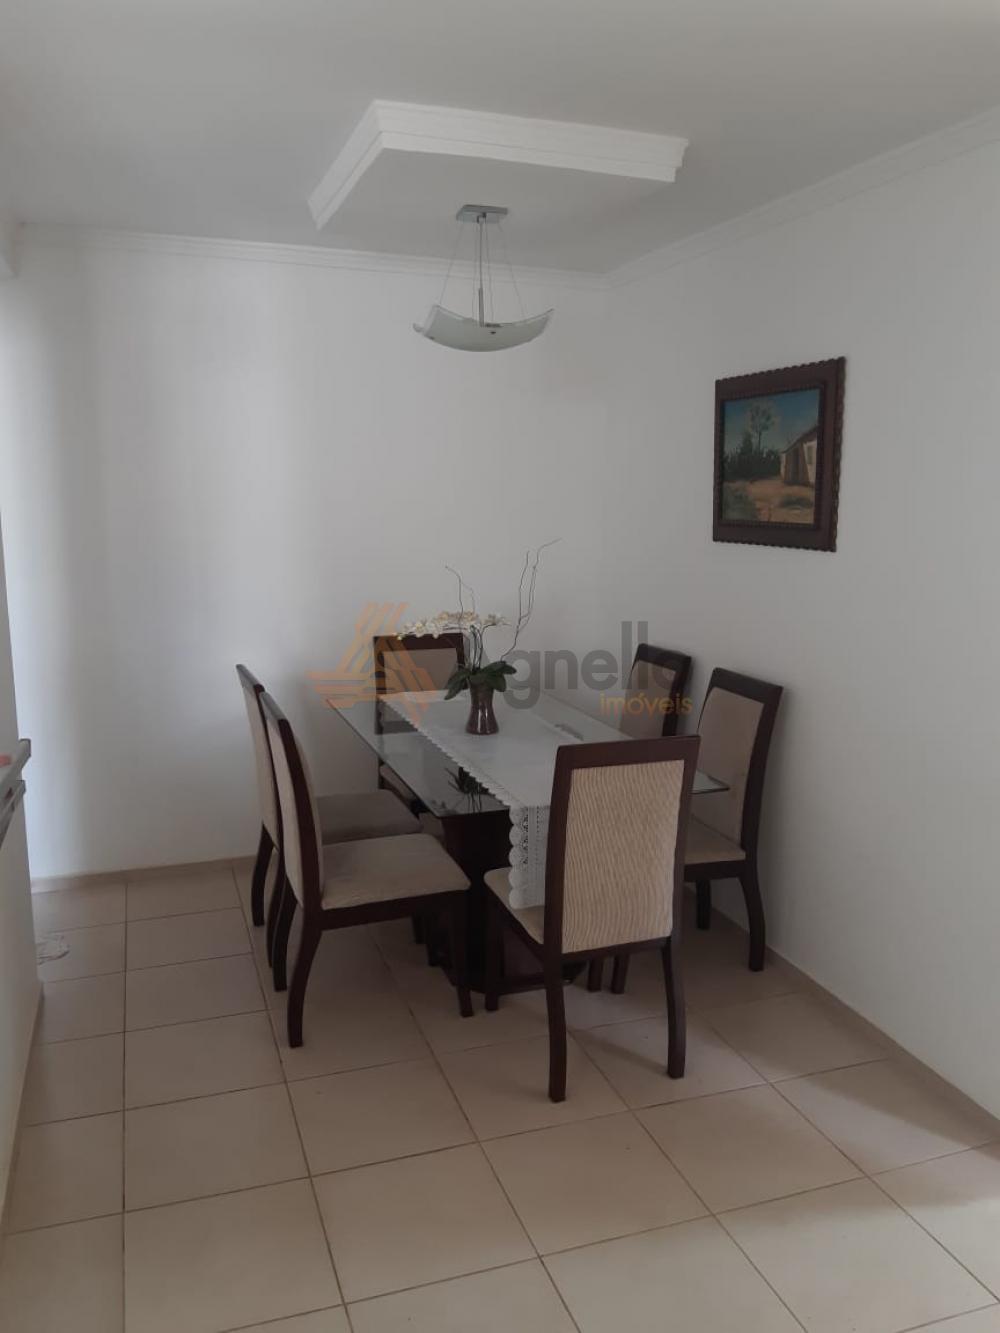 Comprar Apartamento / Padrão em Franca R$ 145.000,00 - Foto 6